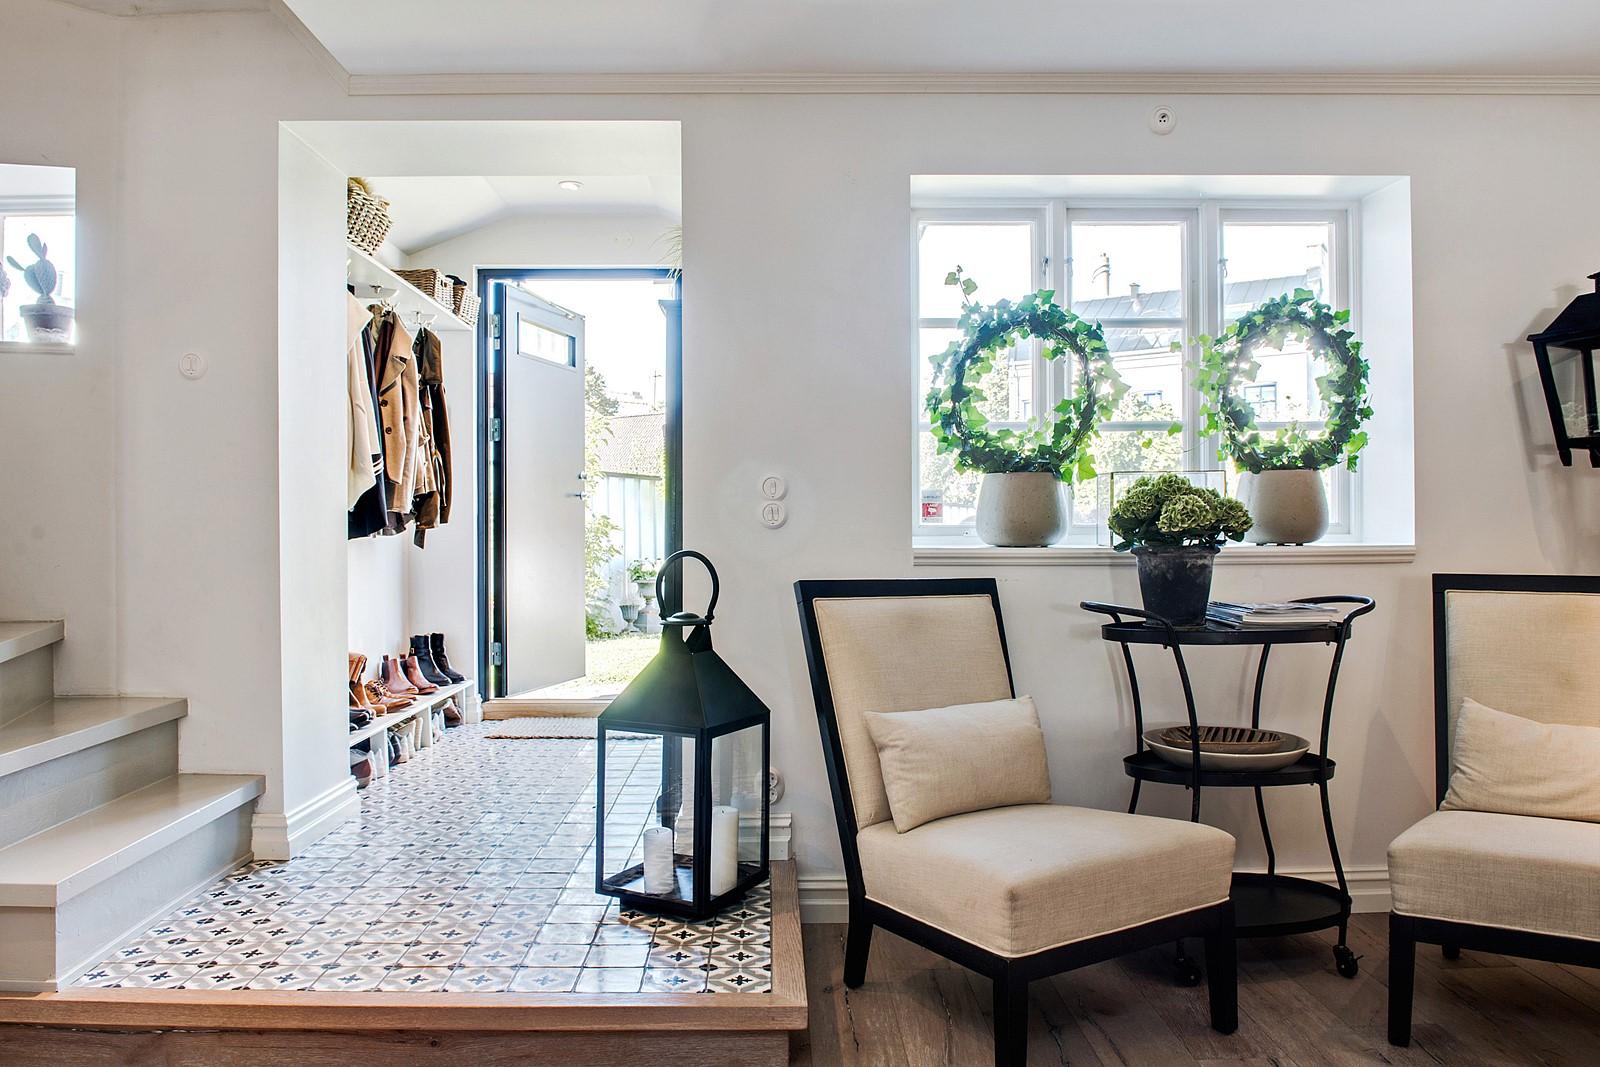 прихожая входная дверь коридор одежда лестница порог фонарь свечи стулья